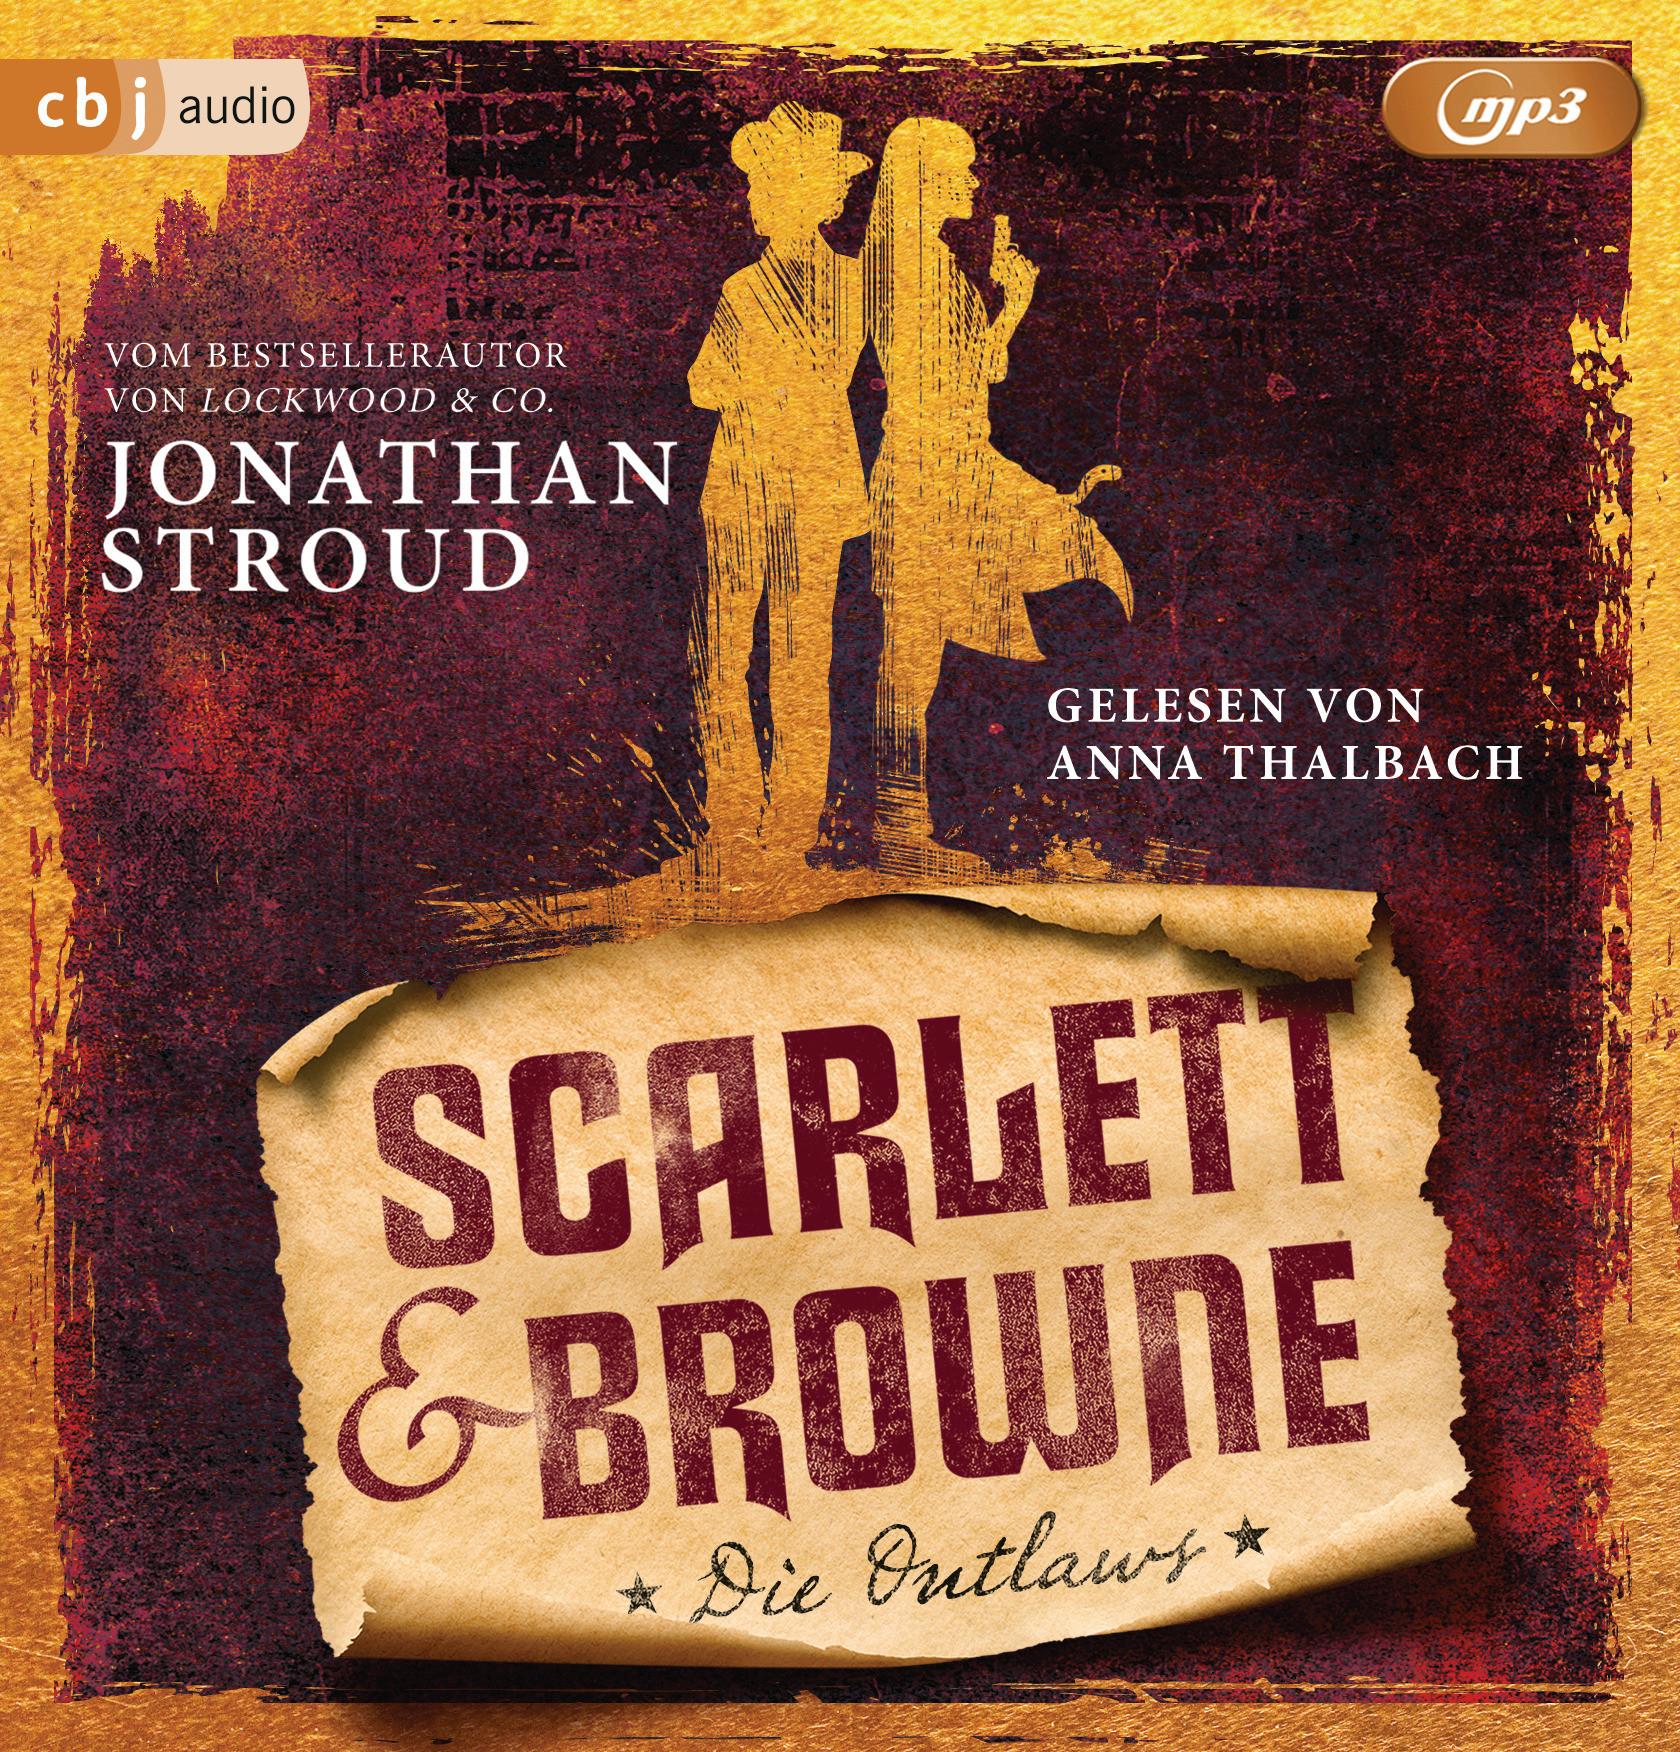 Jonathan Stroud - Scarlett & Browne - Die Outlaws